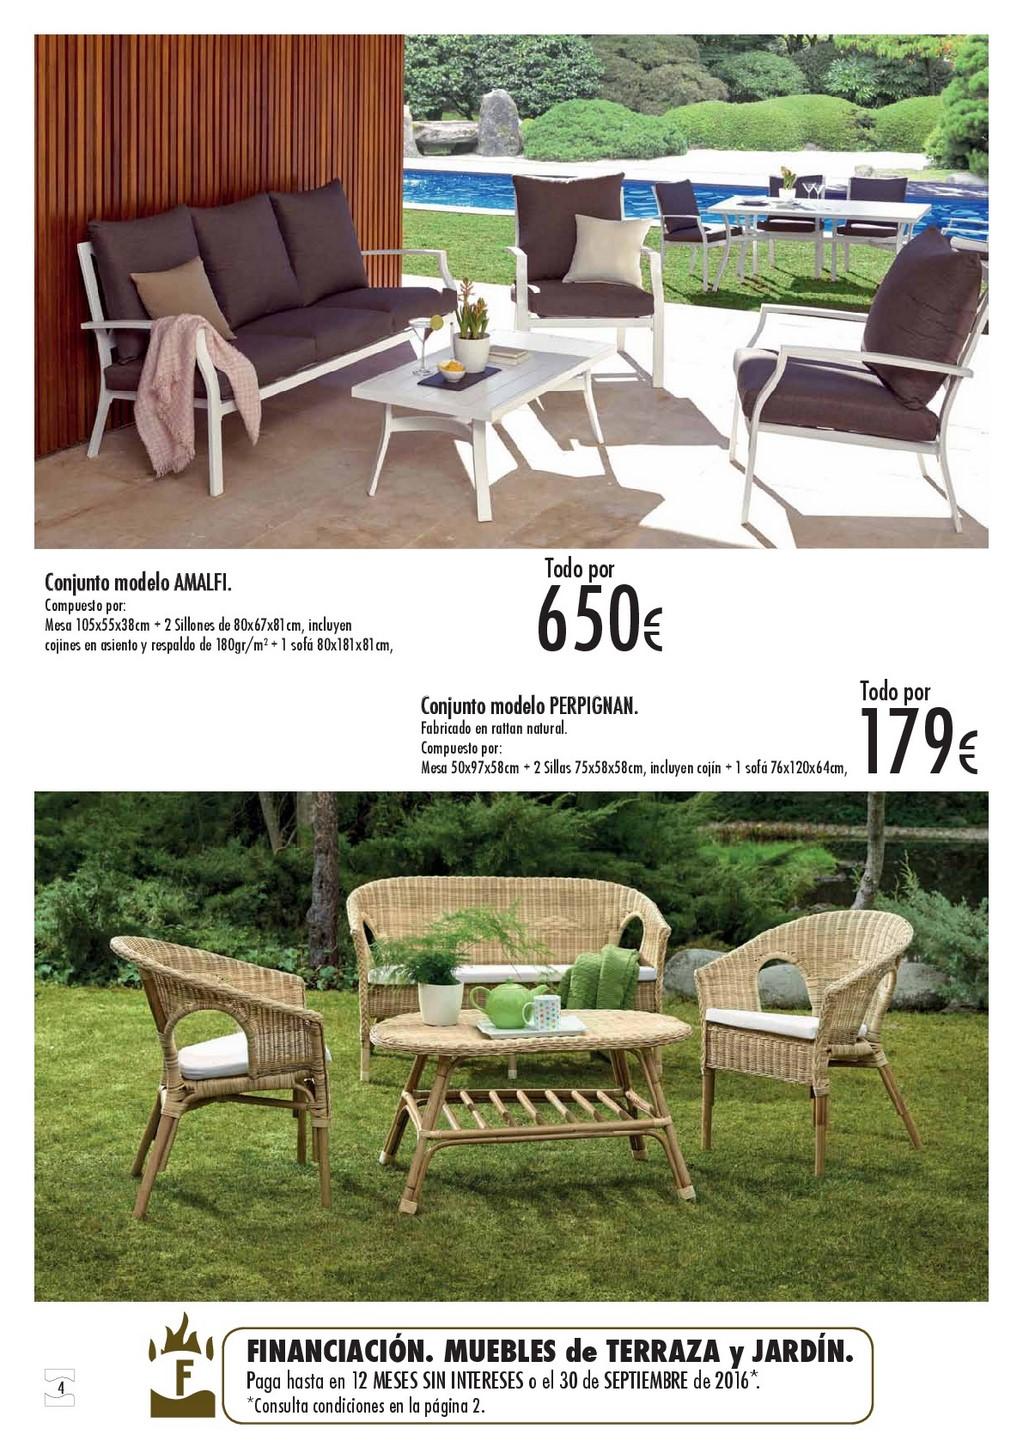 Terraza y jardin hipercor 20164 for Hipercor sombrillas jardin